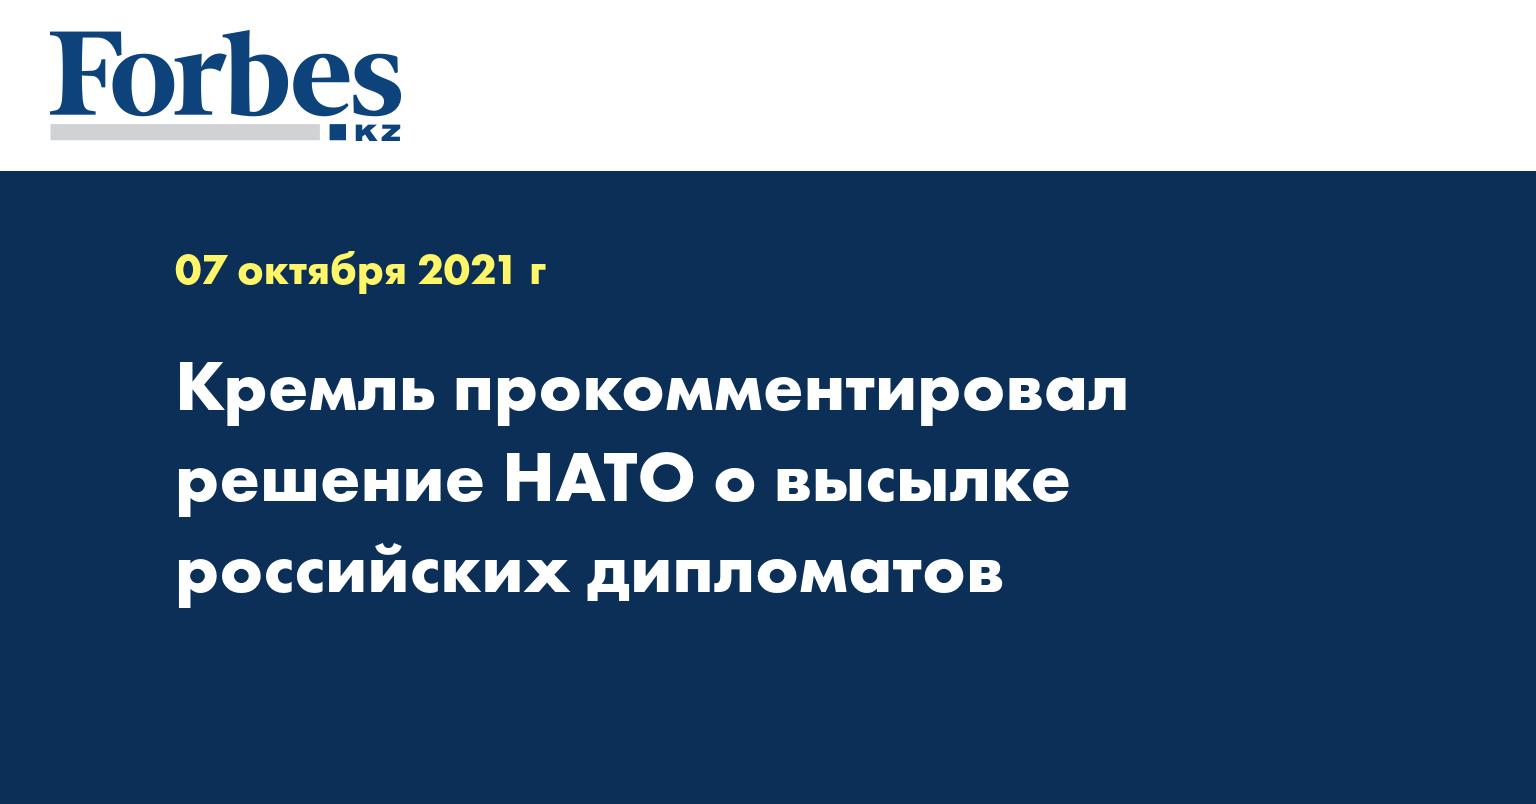 Кремль прокомментировал решение НАТО о высылке российских дипломатов